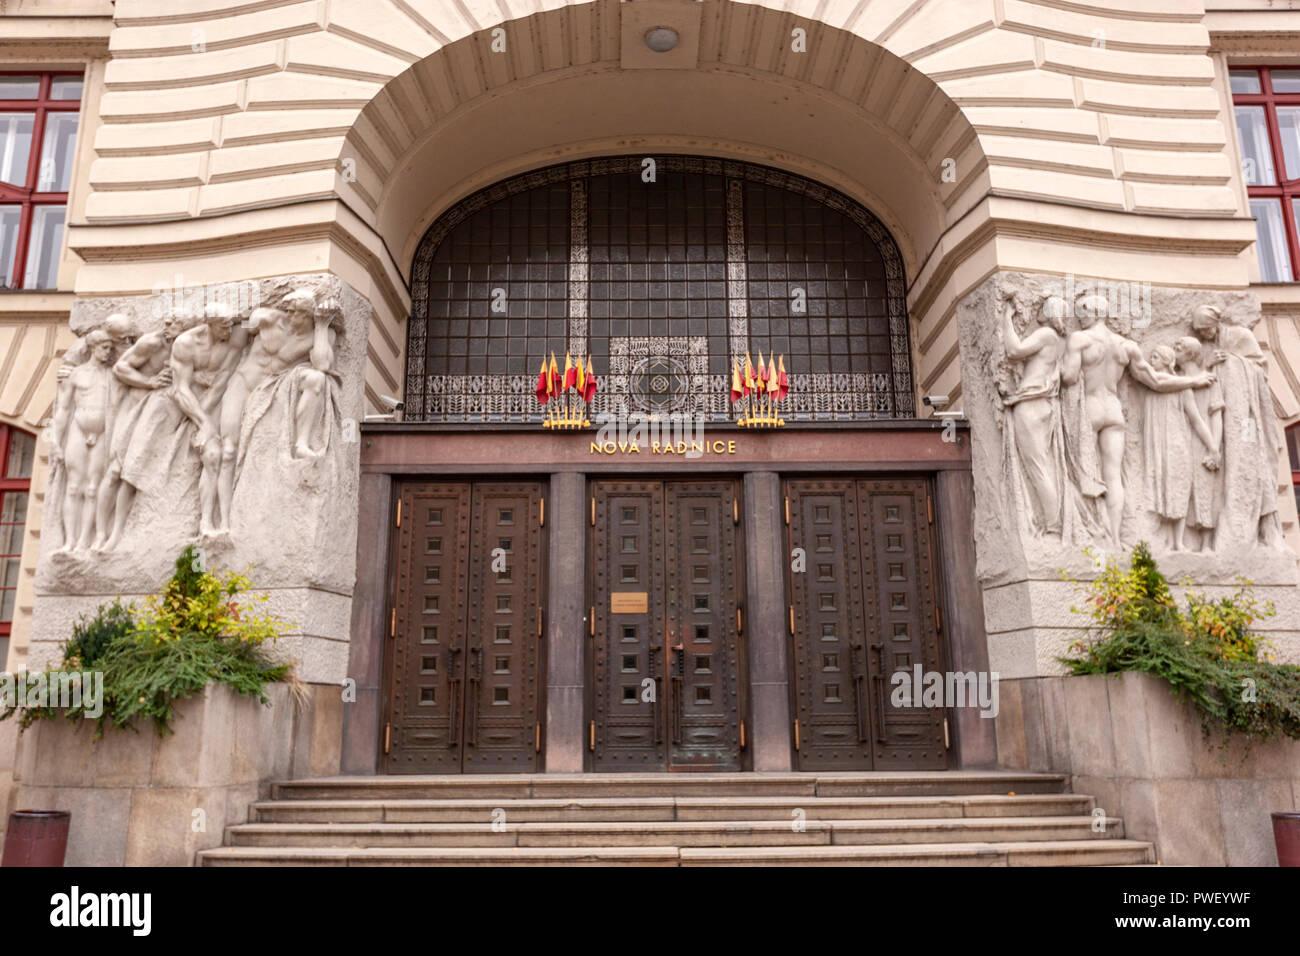 Entrance to the Art Nouveau Prague City Hall building, Prague, Czech Republic. - Stock Image